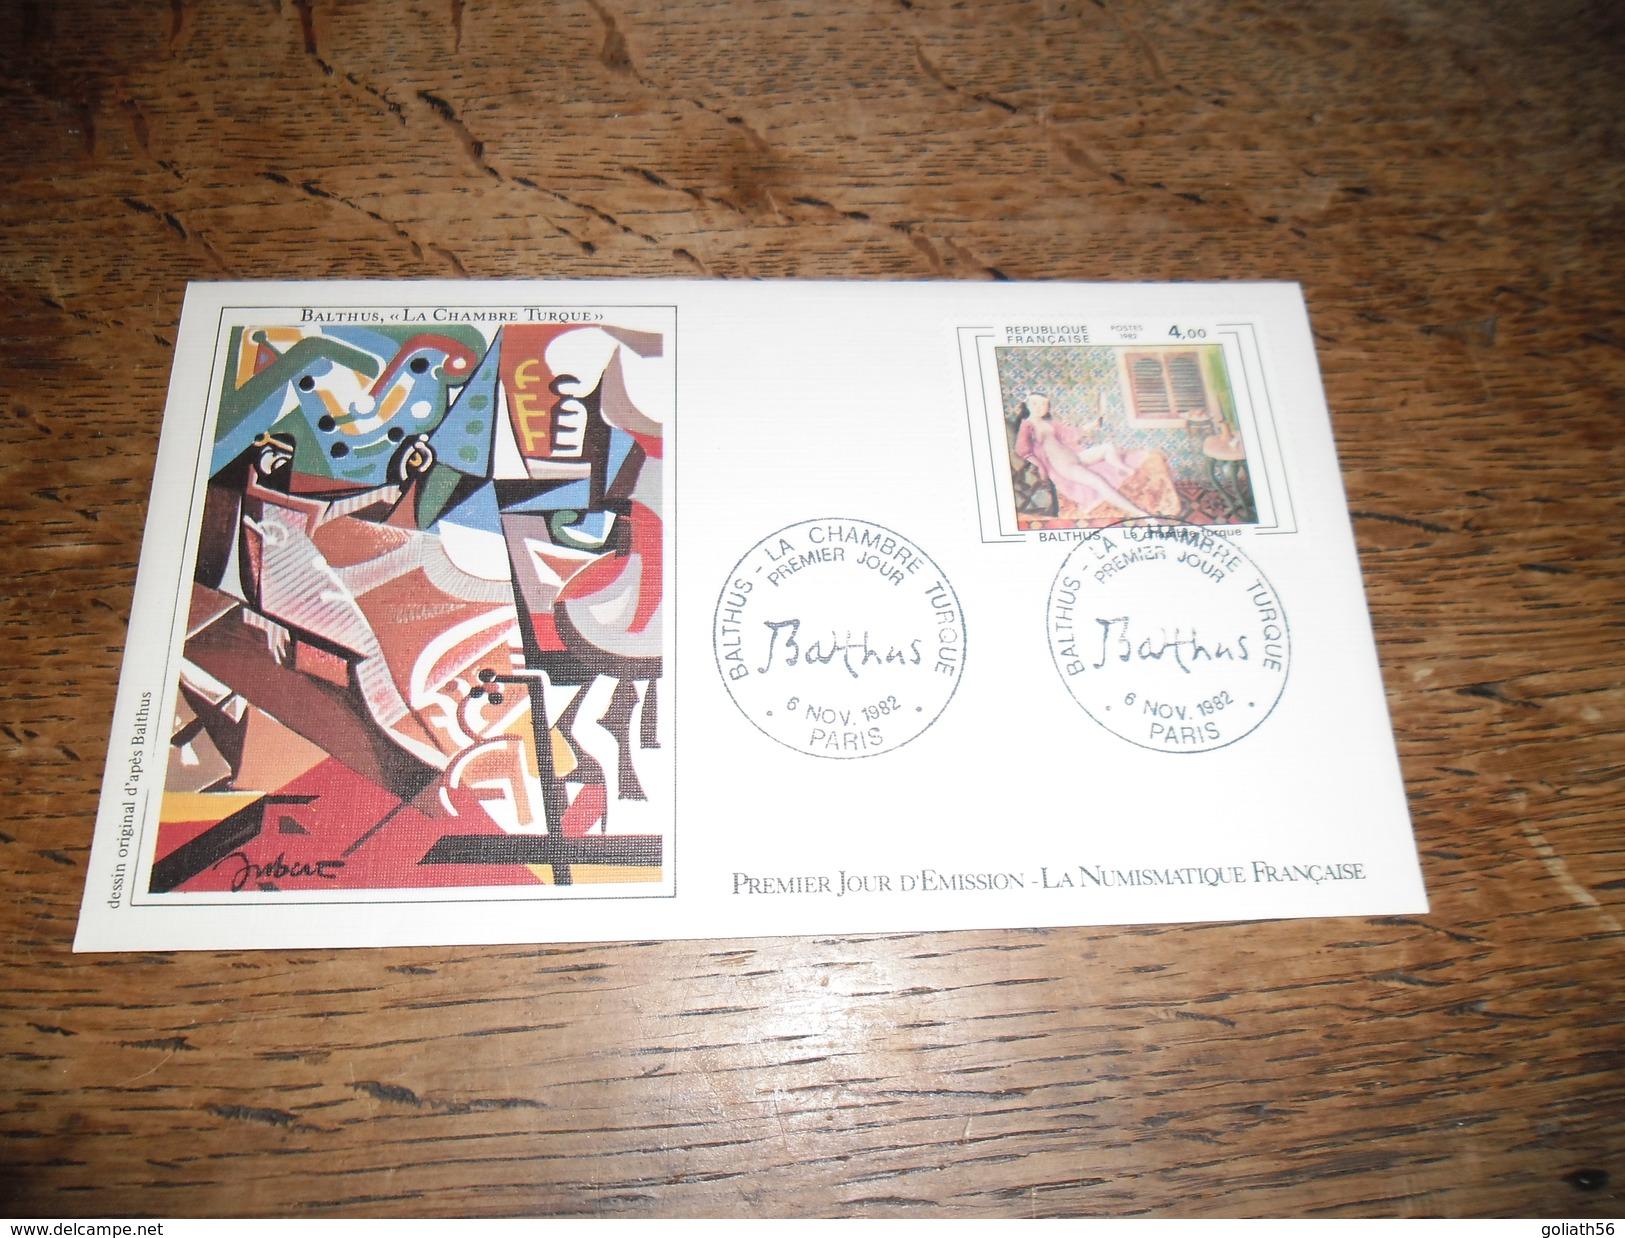 Enveloppe Premier Jour D'émission, Balthus La Chambre Turque, 6 Novembre 1982, Dessin Original D'après Balthus - Other